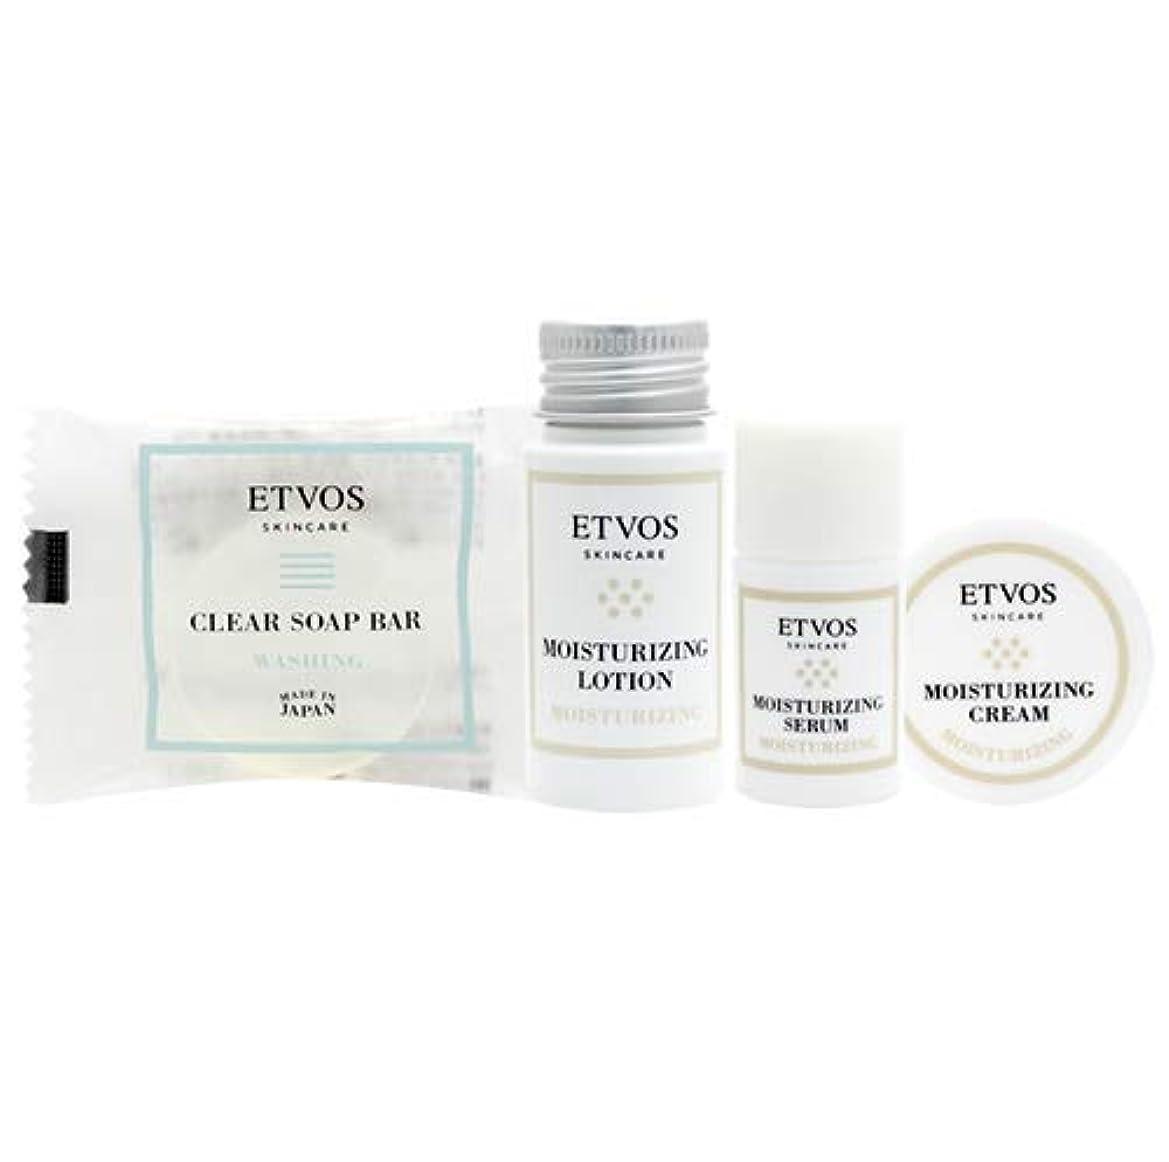 不調和参照する夜間ETVOS(エトヴォス) モイスチャーライントラベルセット 2週間お試し[洗顔石鹸/化粧水/美容液/保湿クリーム]